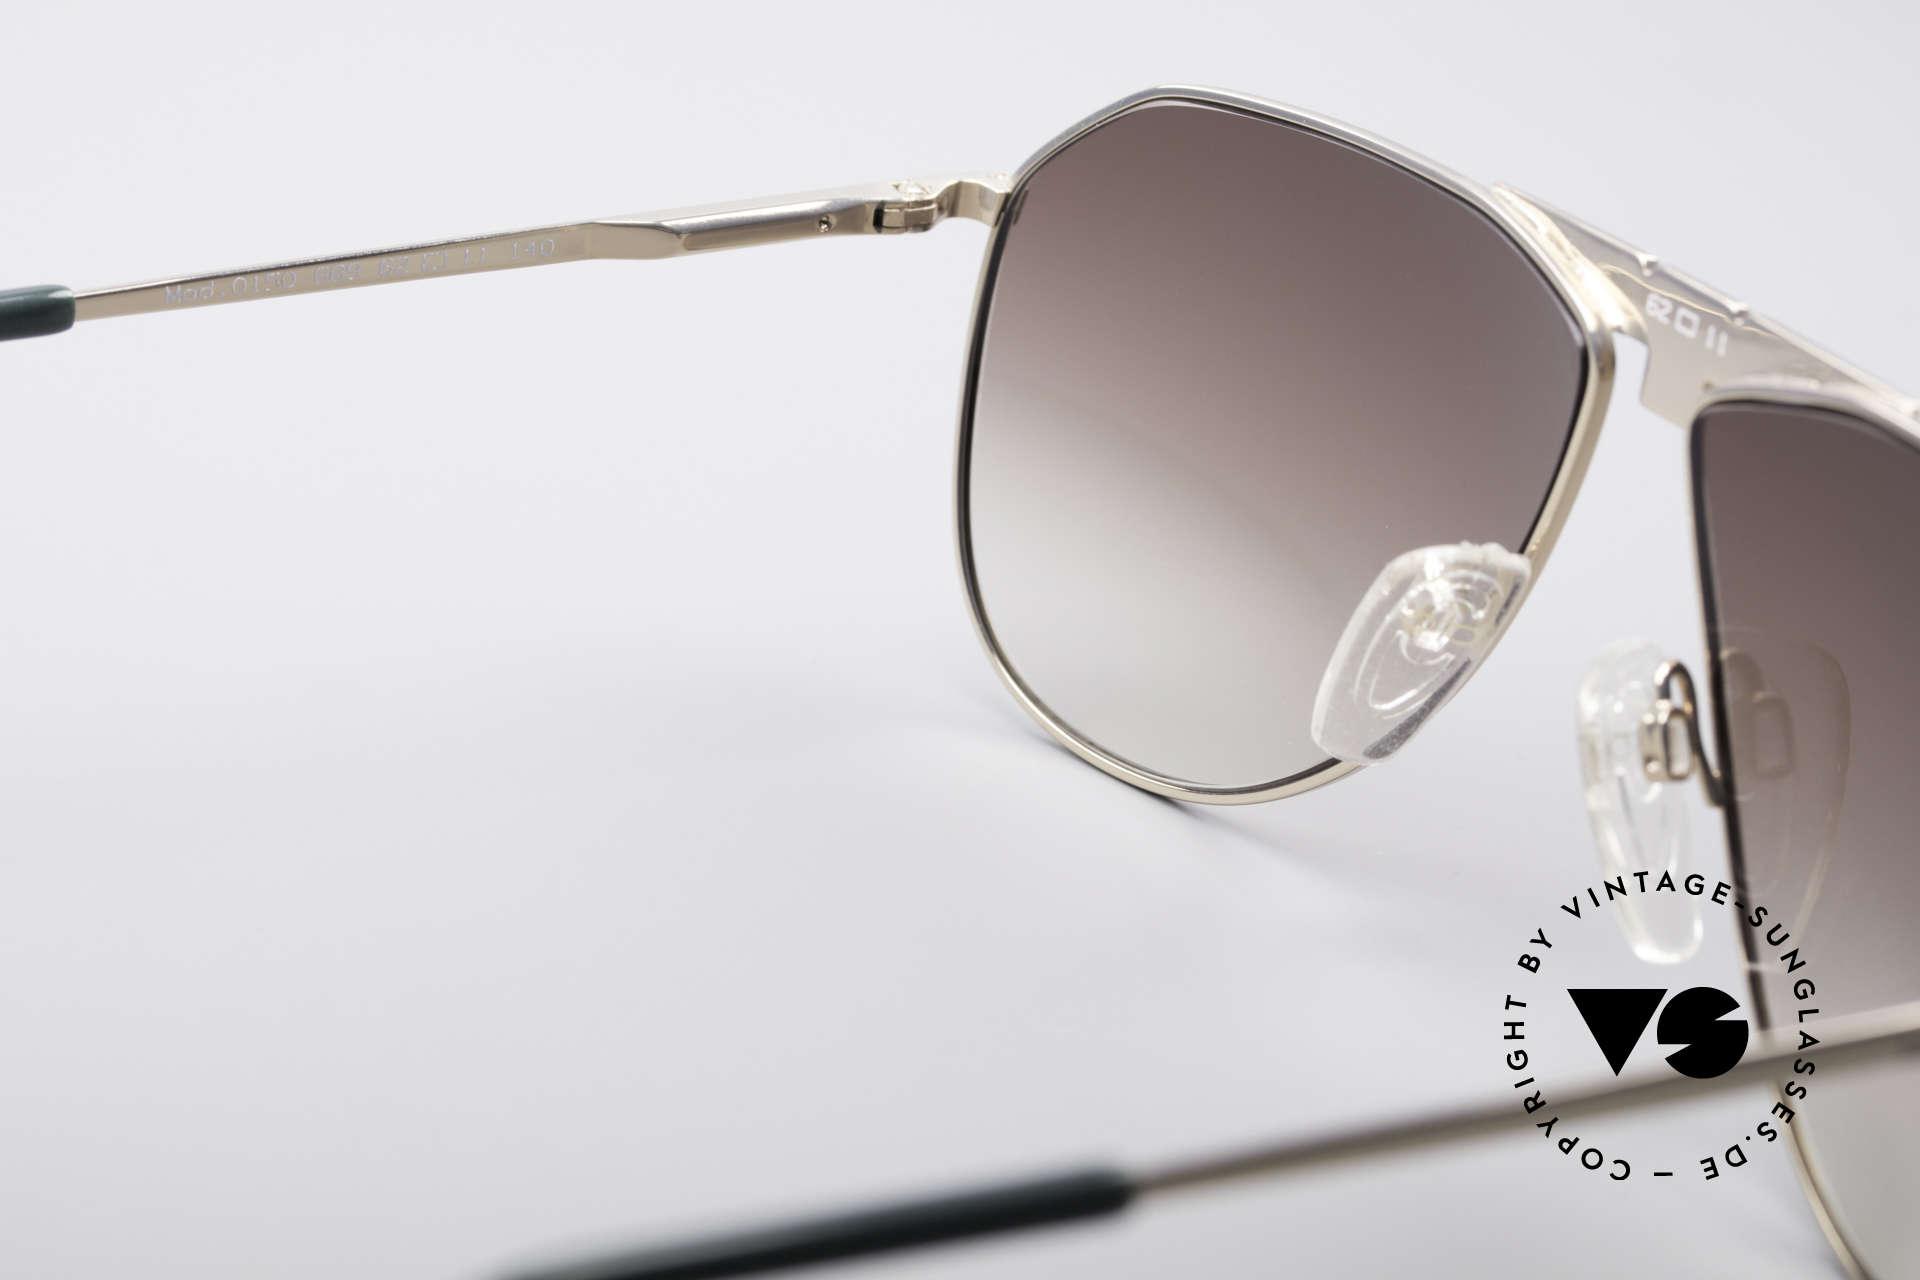 Longines 0150 Echte Vintage Pilotenbrille, KEINE Retrobrille, sondern ein altes 80er Original!, Passend für Herren